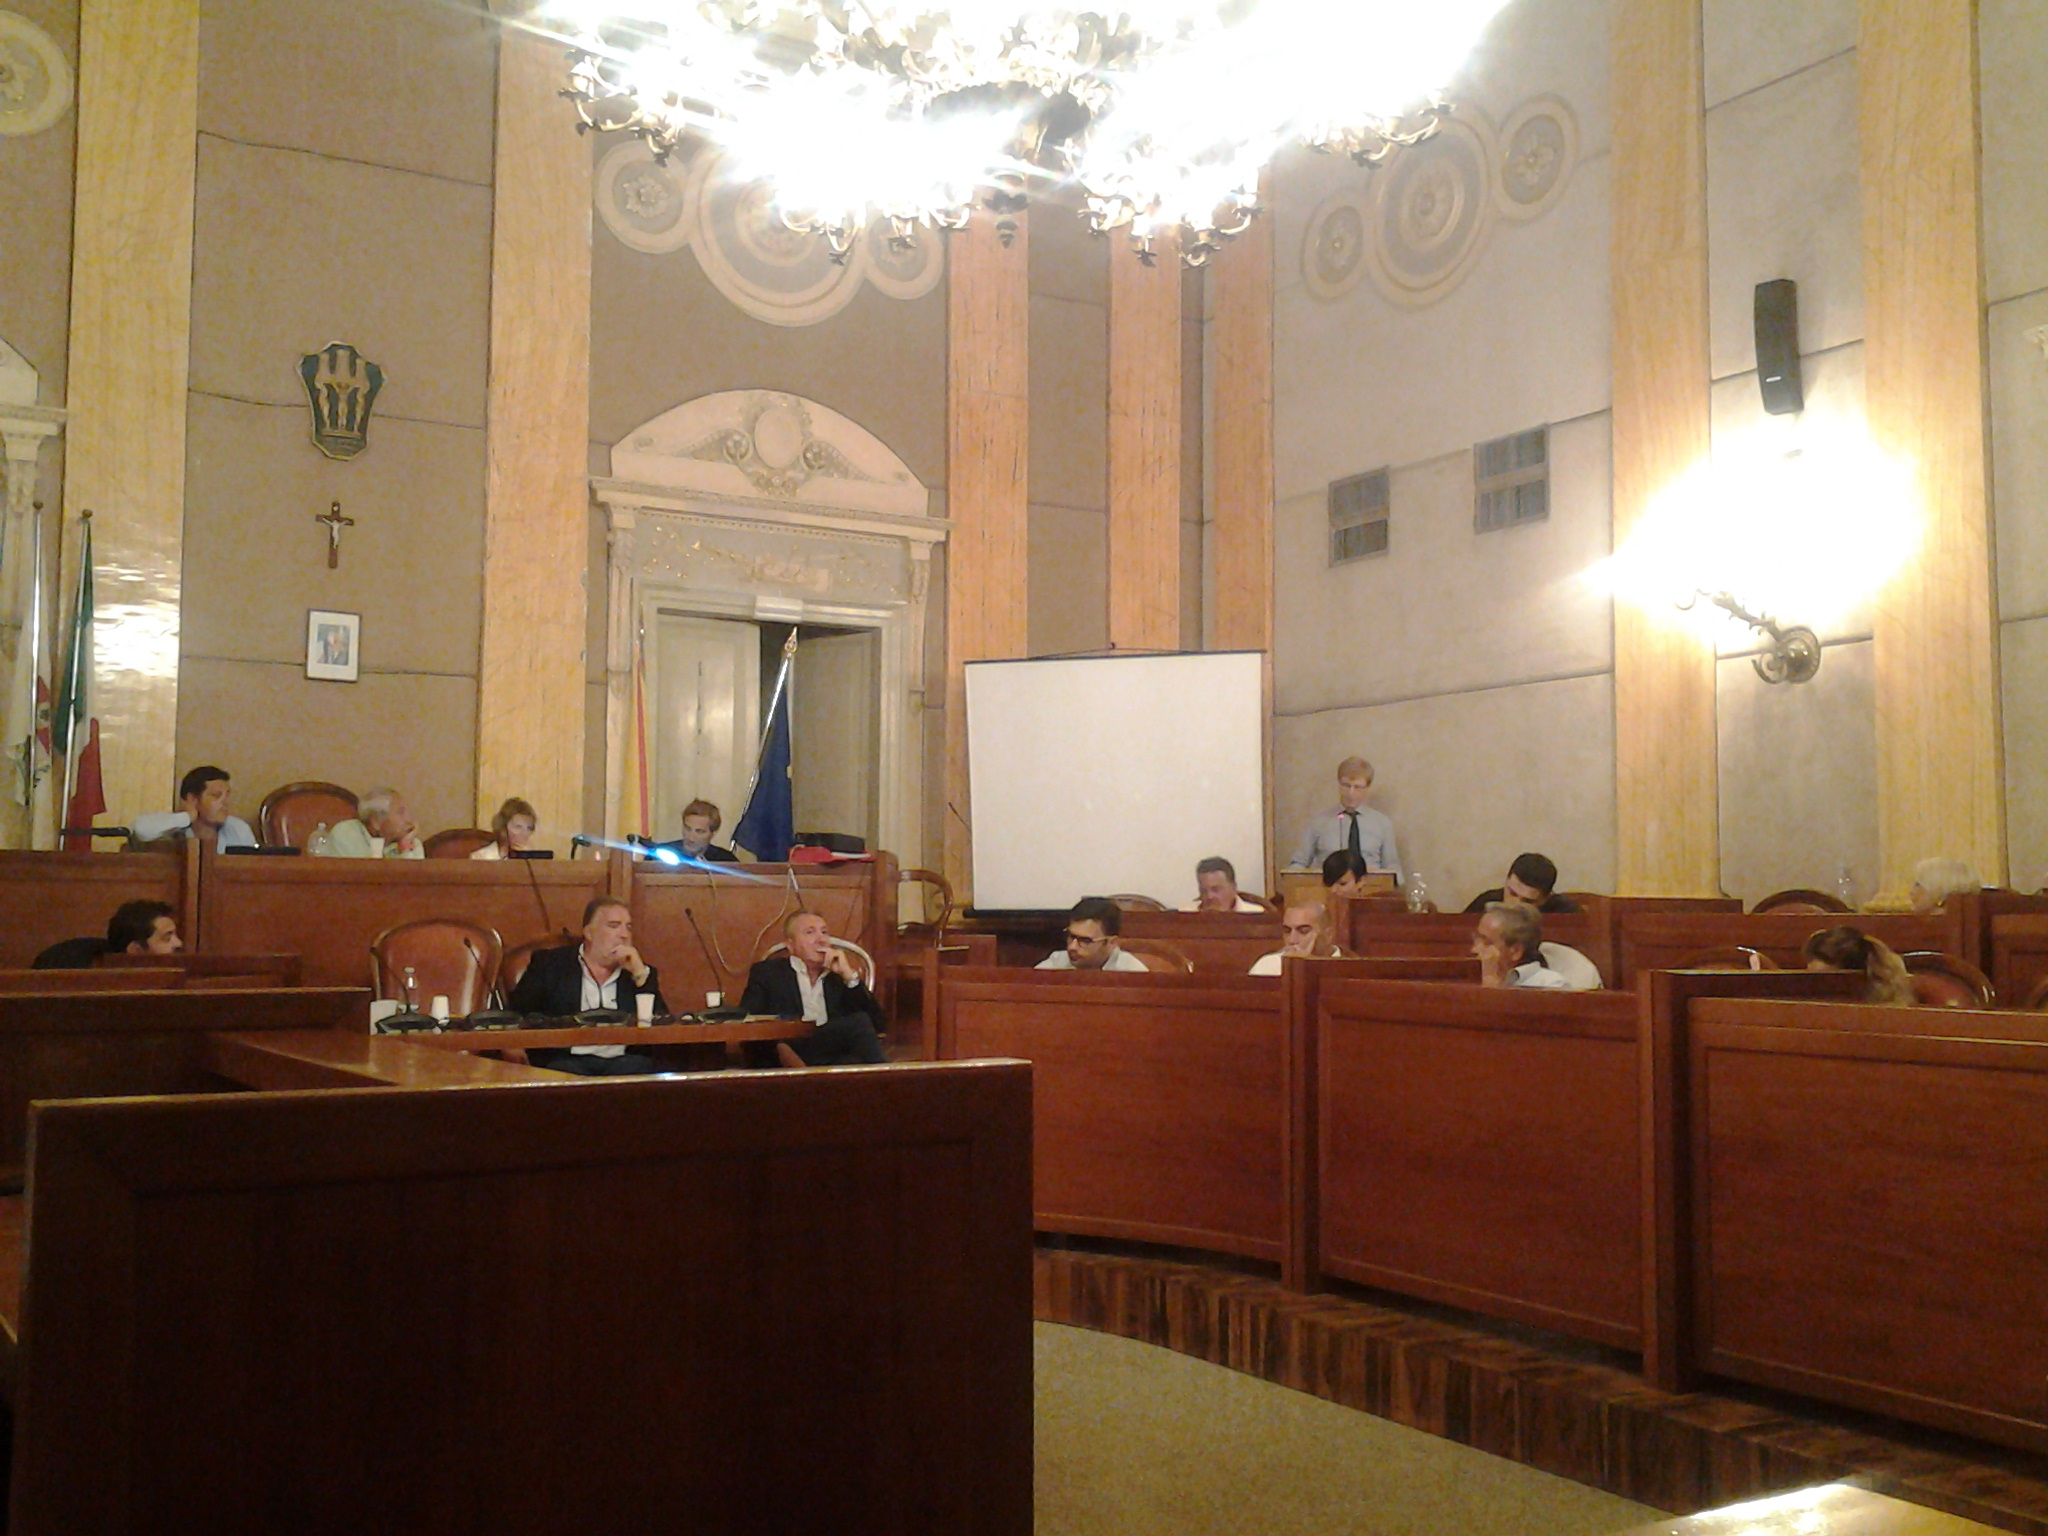 Consiglio comunale nota di palermo e iacolino si azzeri for Ufficio presidenza